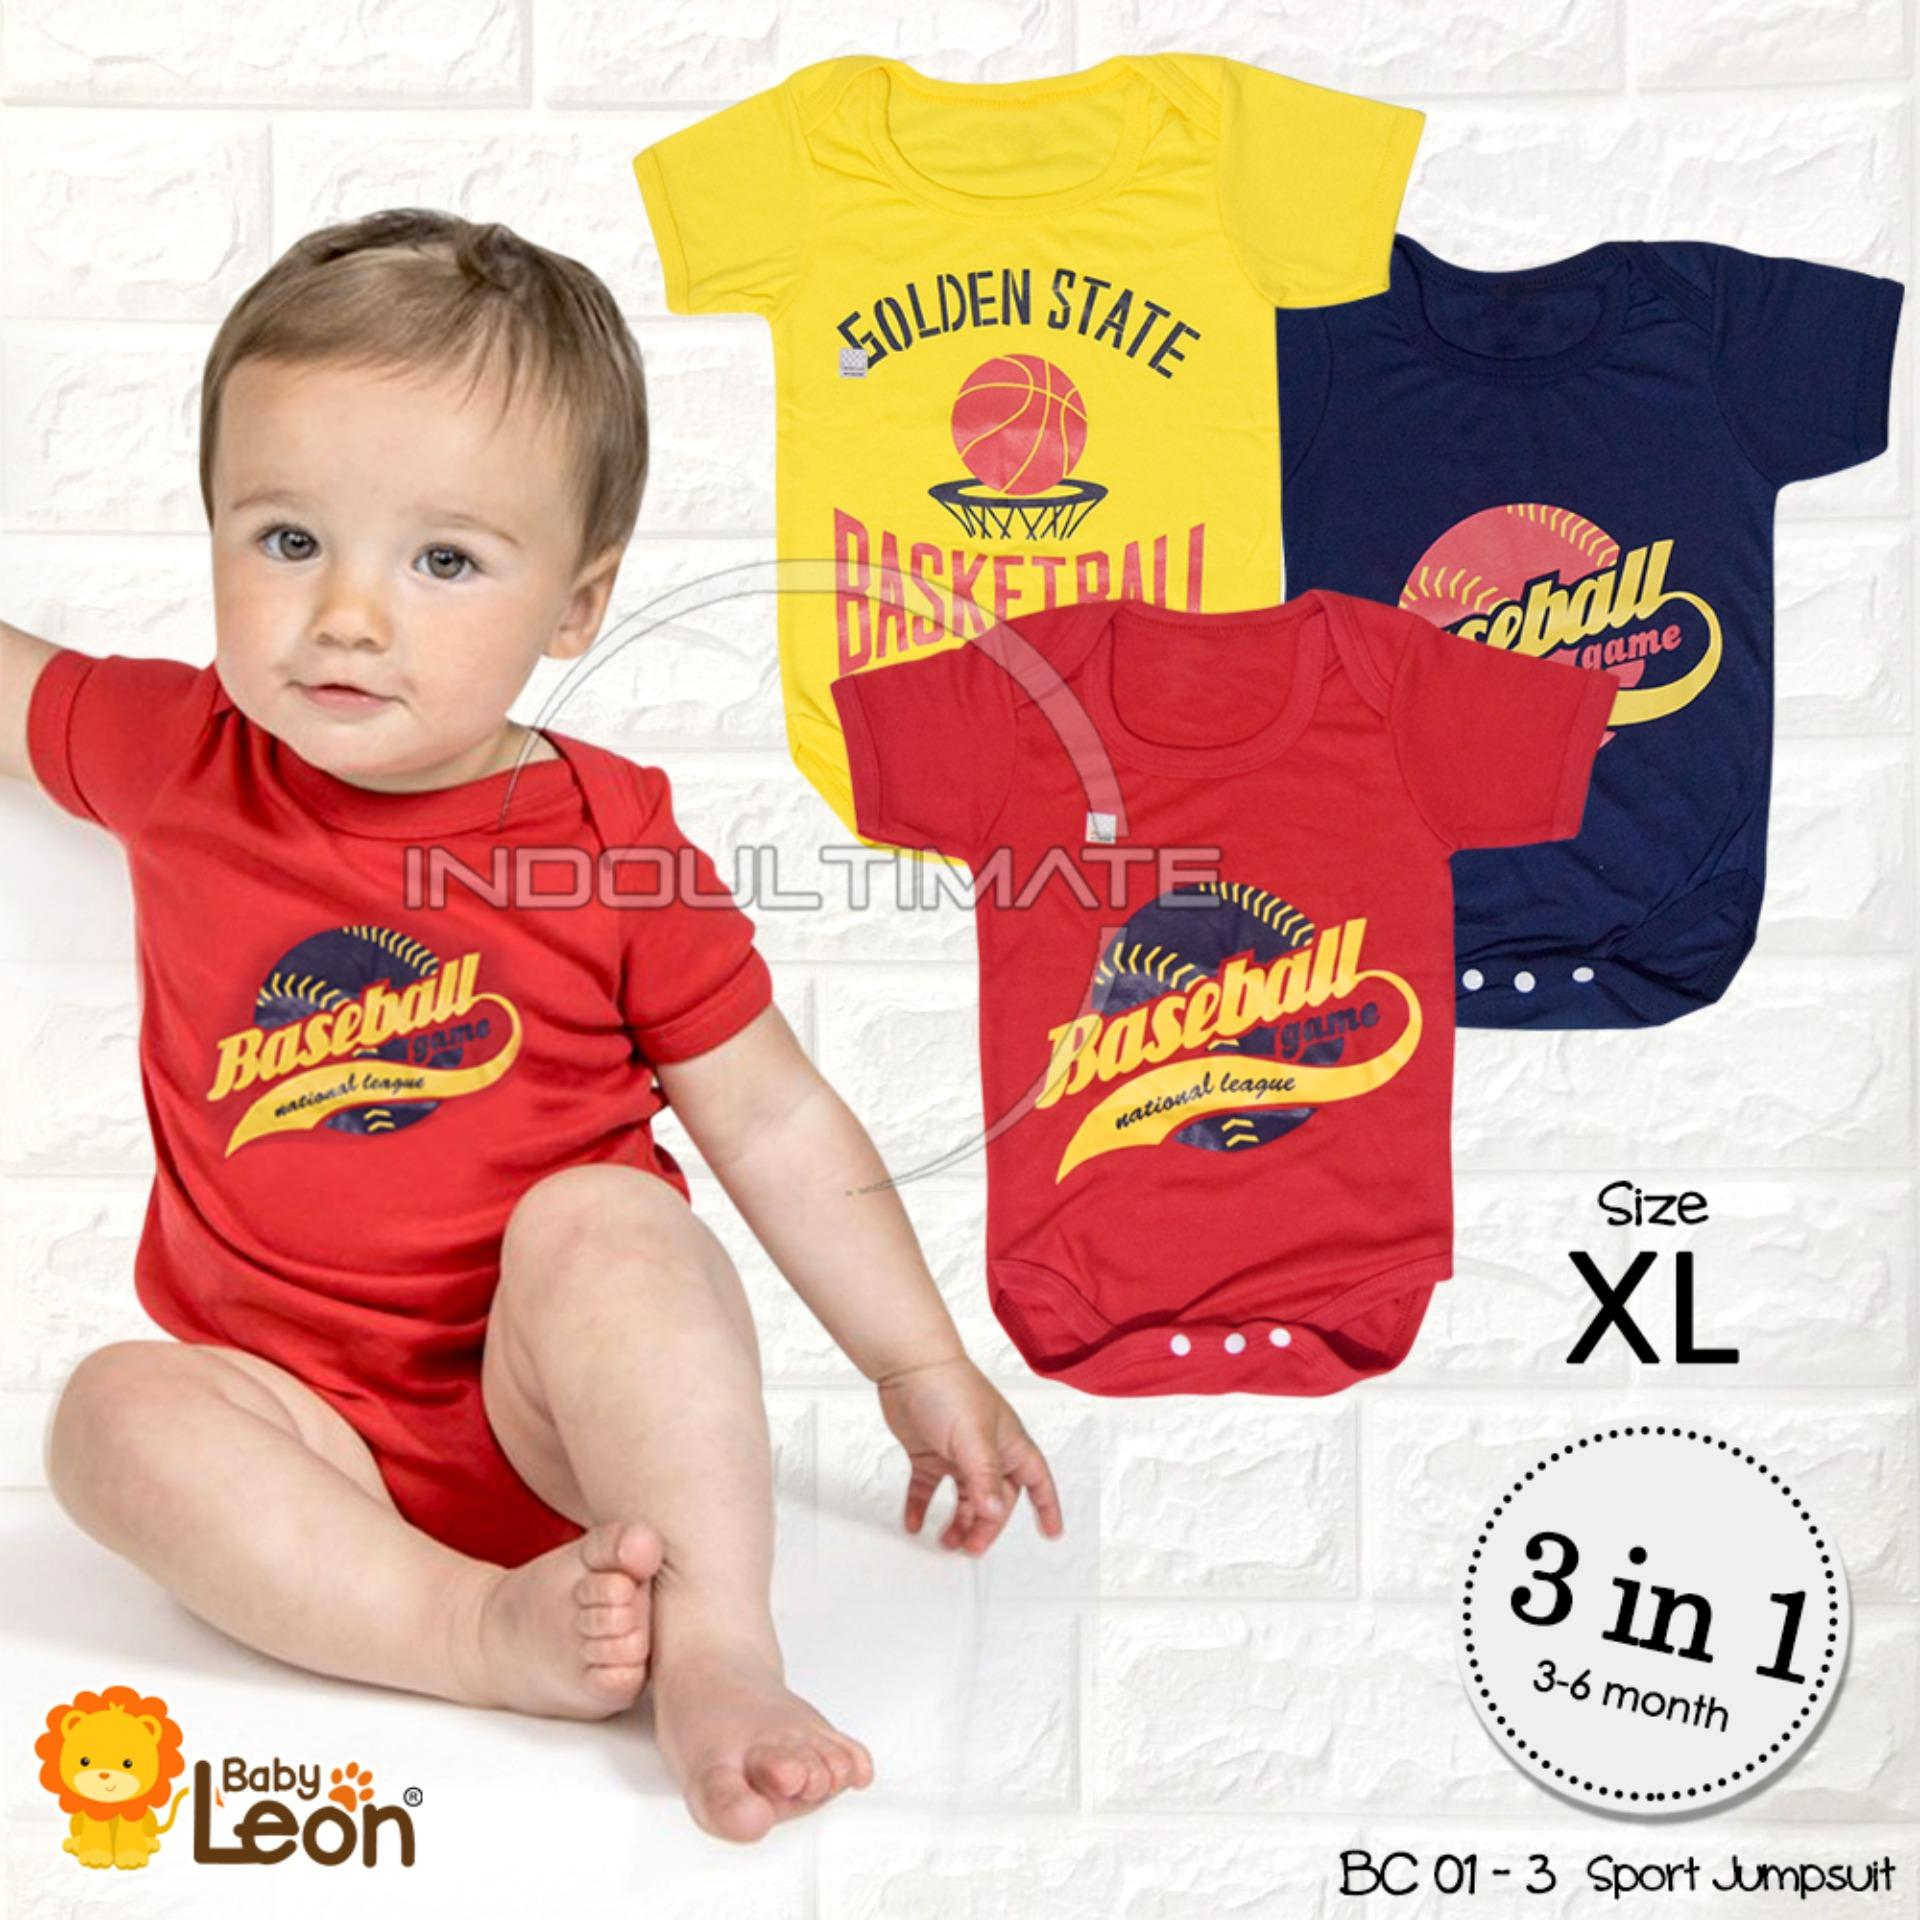 Pakaian Bayi 6 Bulan S D 3 Tahun Hey Baby Pop Out Bear Tee Kaos Anak 12 18 Motif Unisex In 1 Jumsuit 100 Cotton Lembut Dingin Baju